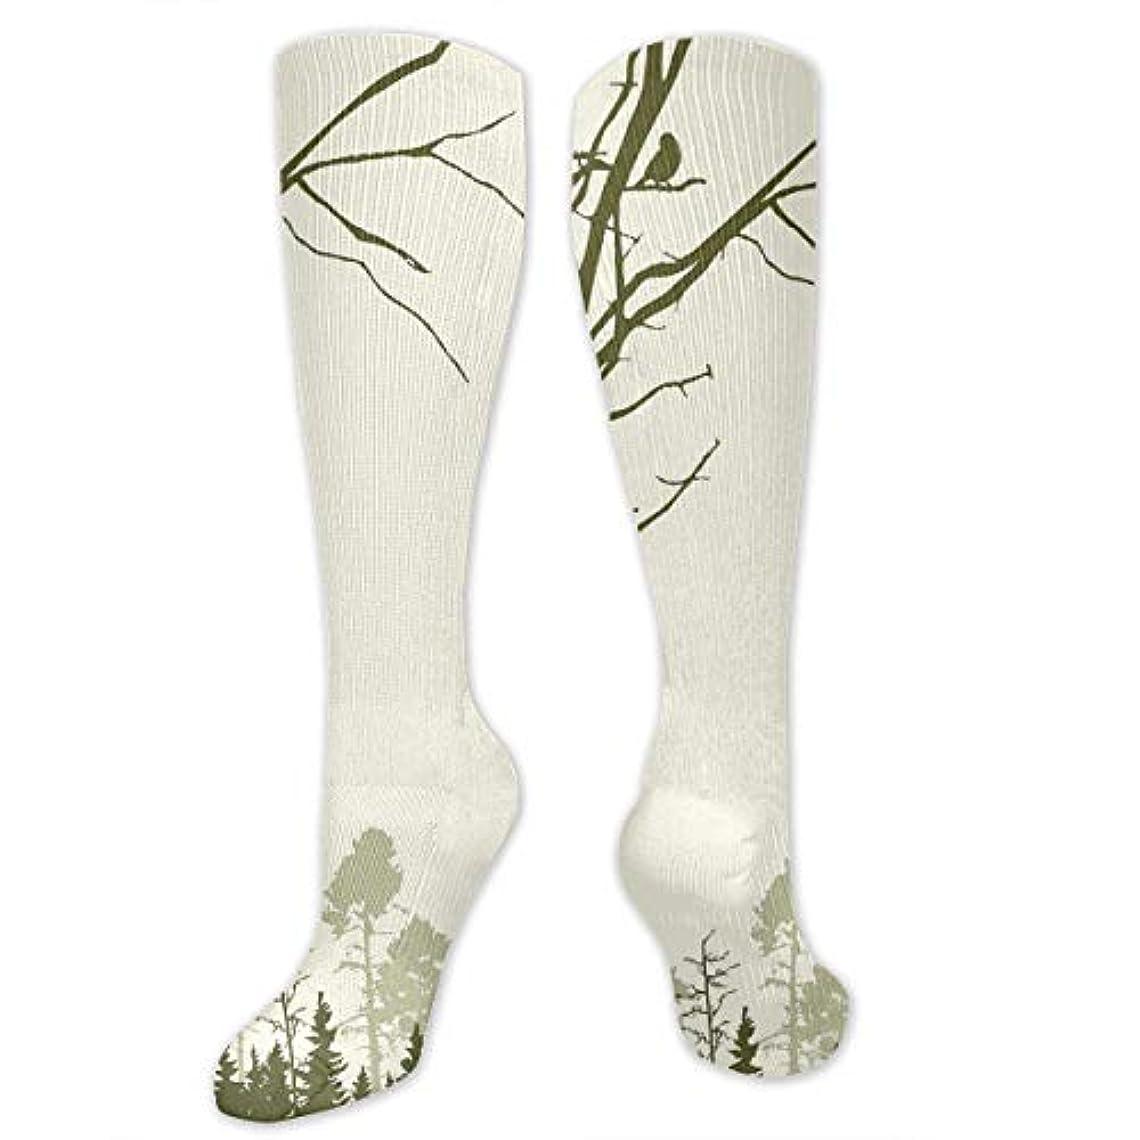 まっすぐにする不潔熟達した靴下,ストッキング,野生のジョーカー,実際,秋の本質,冬必須,サマーウェア&RBXAA Nature Theme Birds On Tree Branches, Socks Women's Winter Cotton Long...